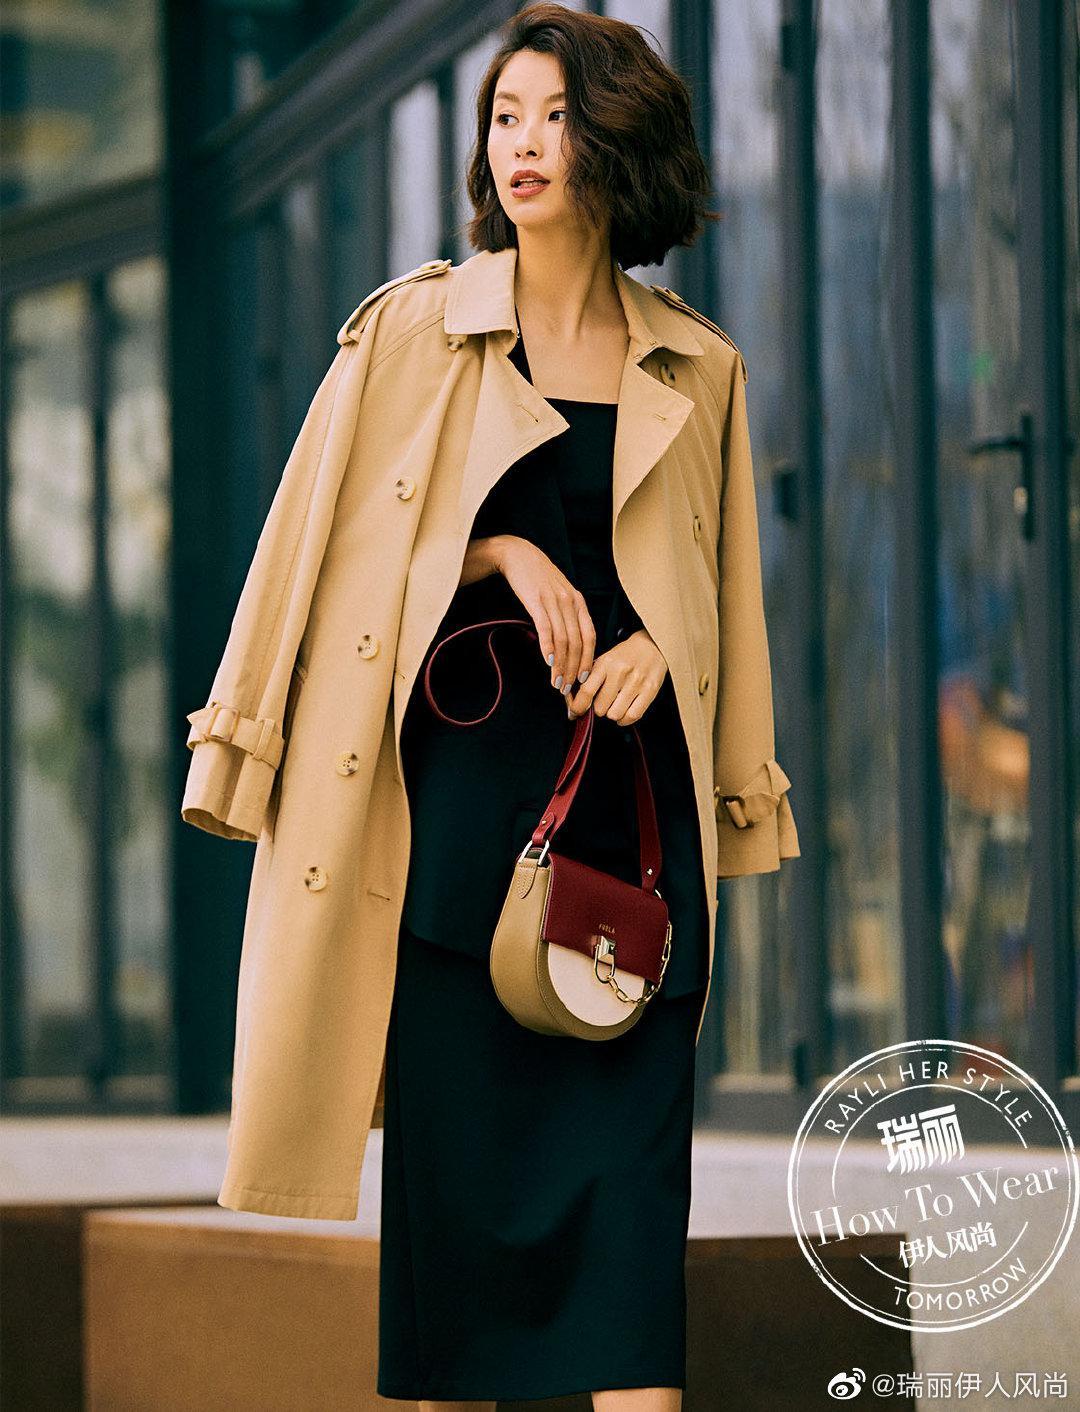 米色双排扣风衣搭配黑色背心连衣裙可以适应任何正装场合……